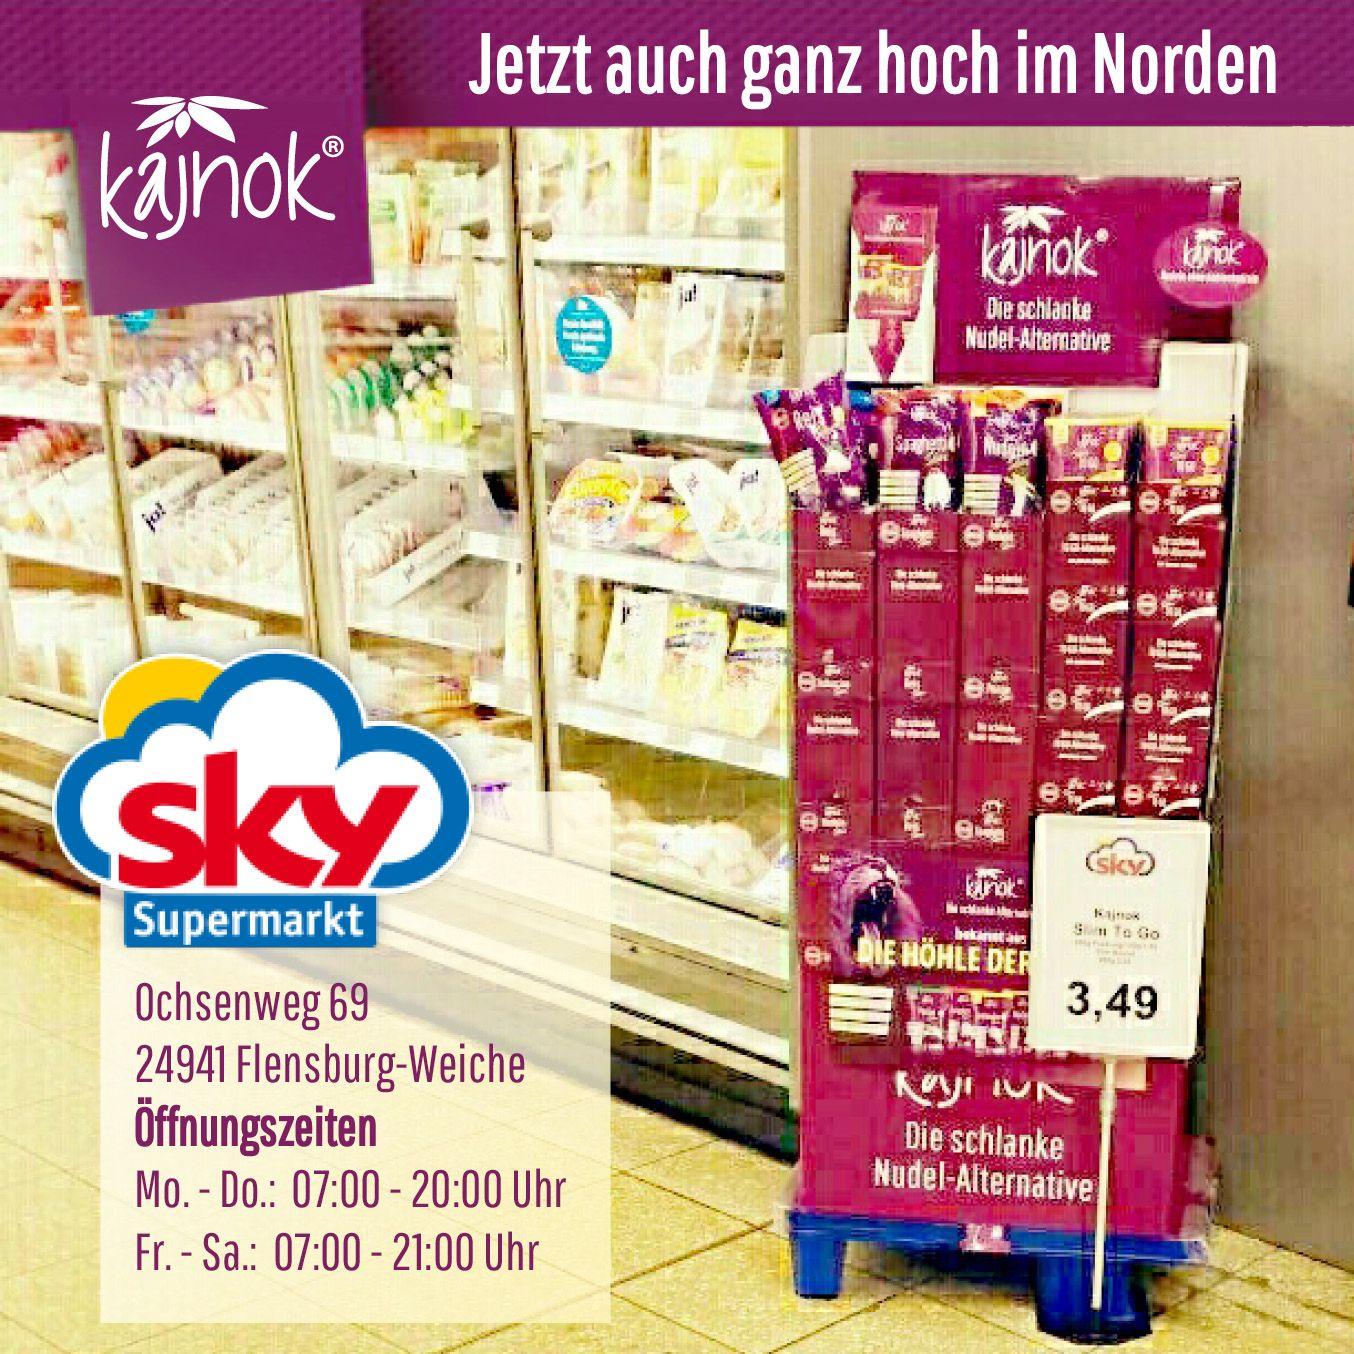 Sky Angebote Flensburg